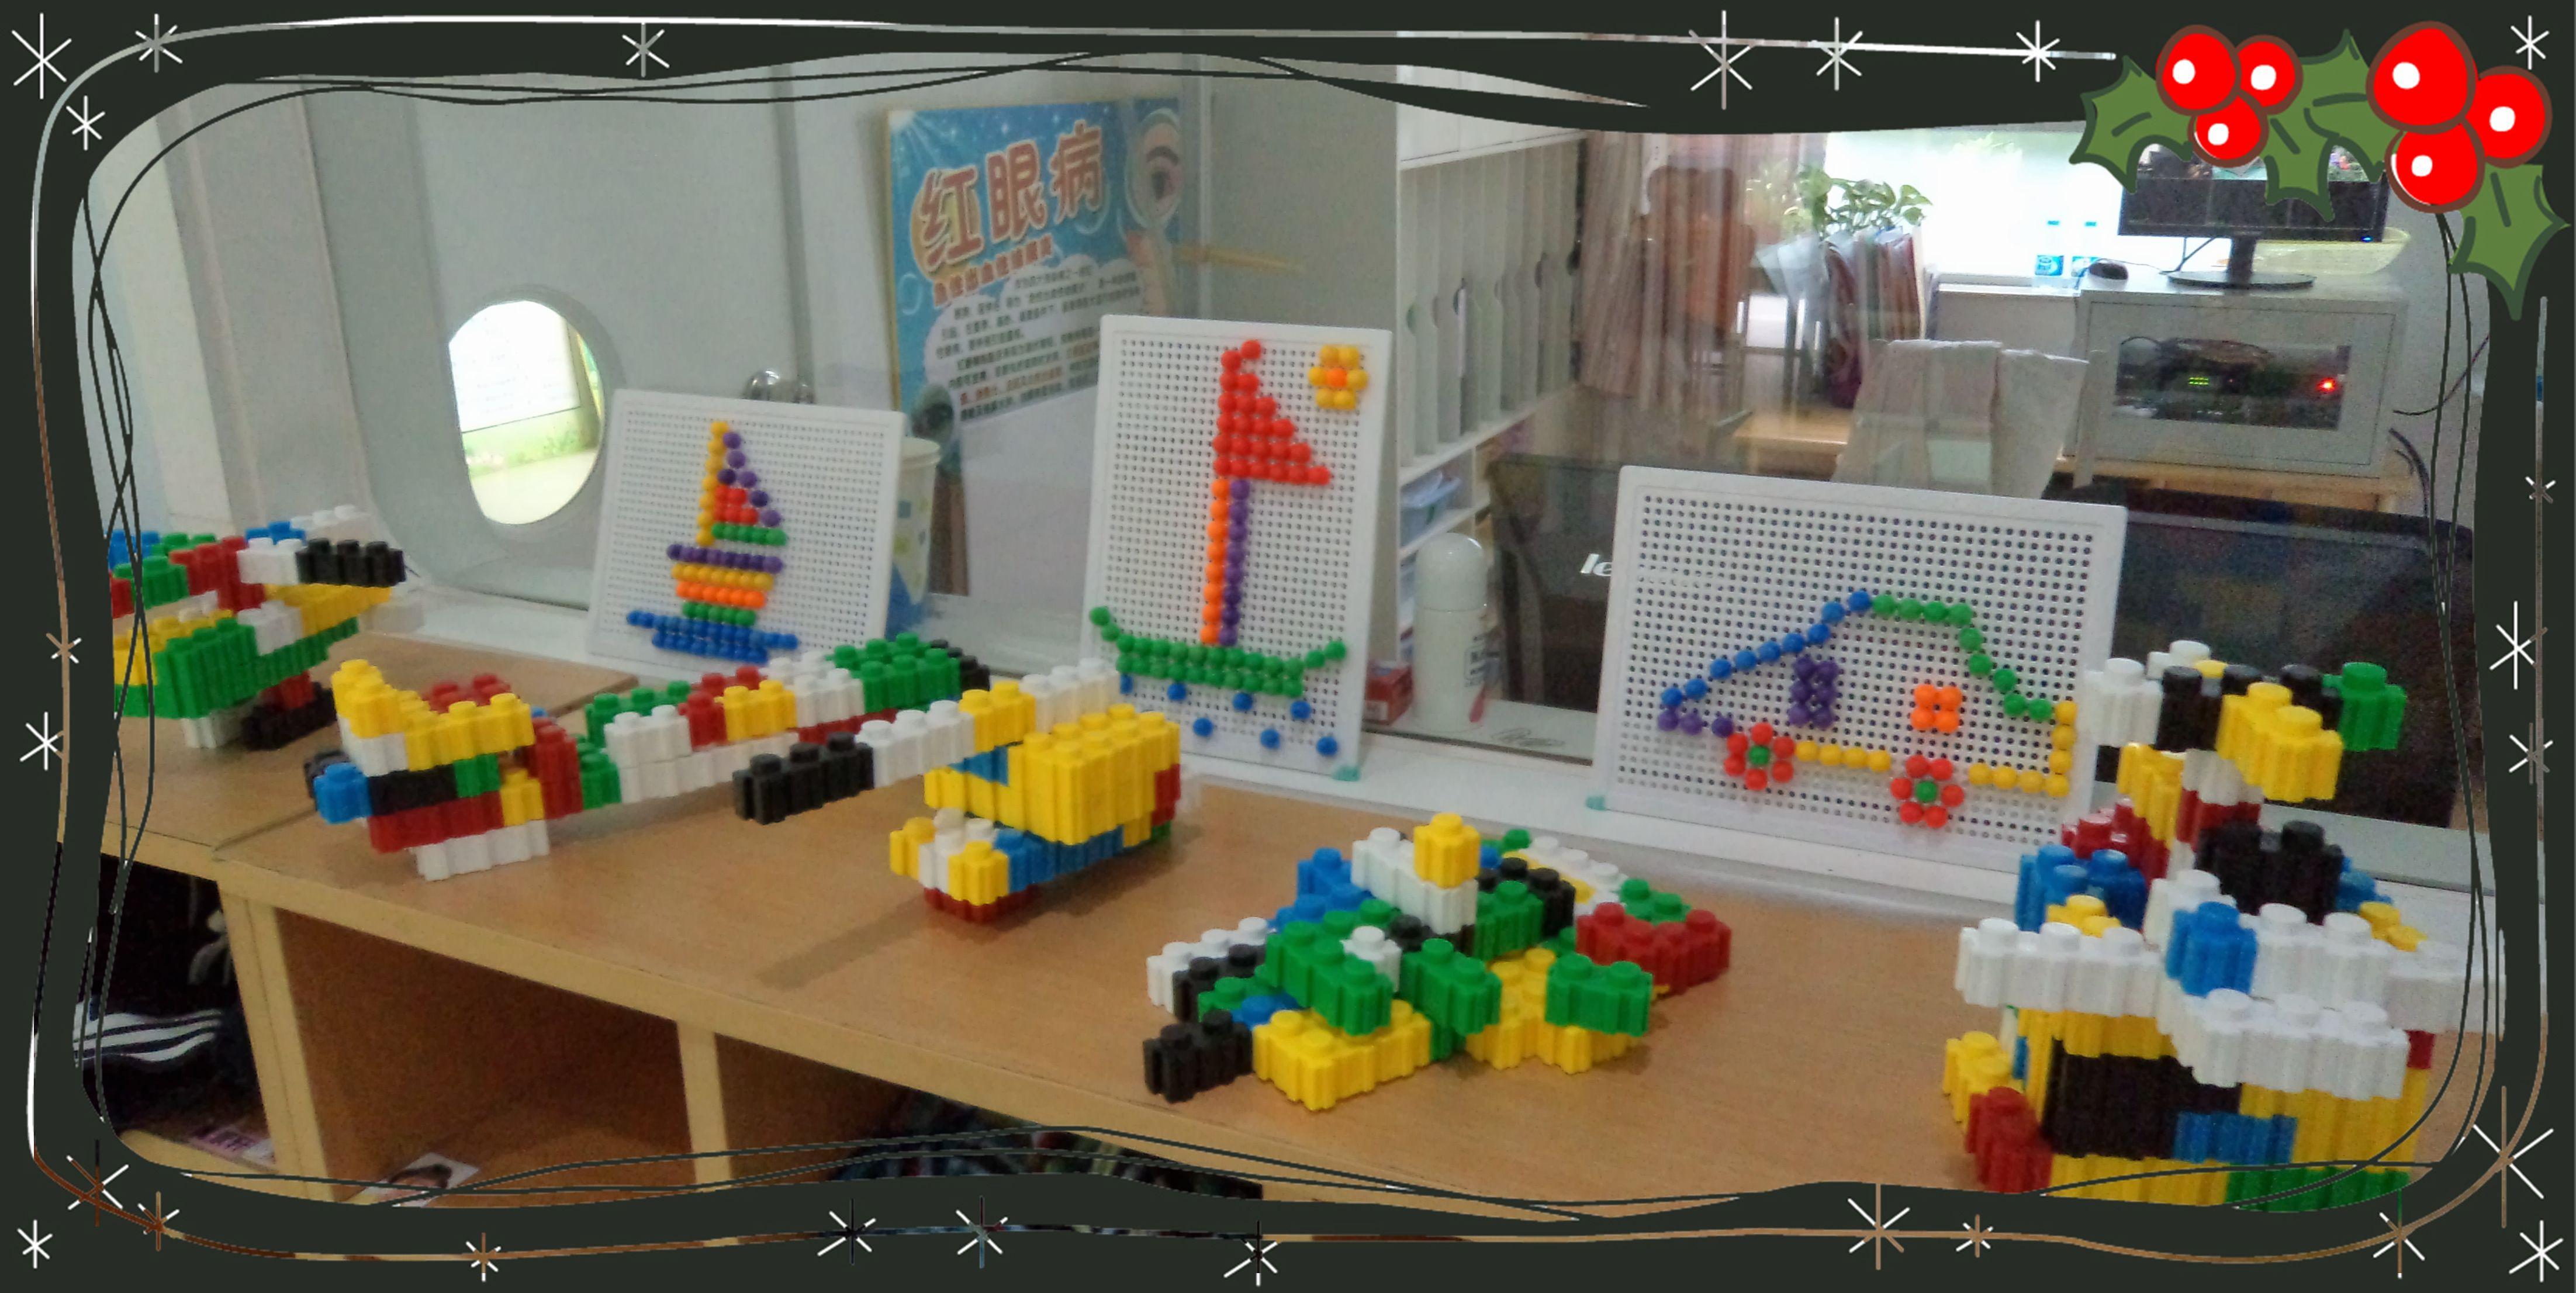 小朋友用各种积木制作的交通工具